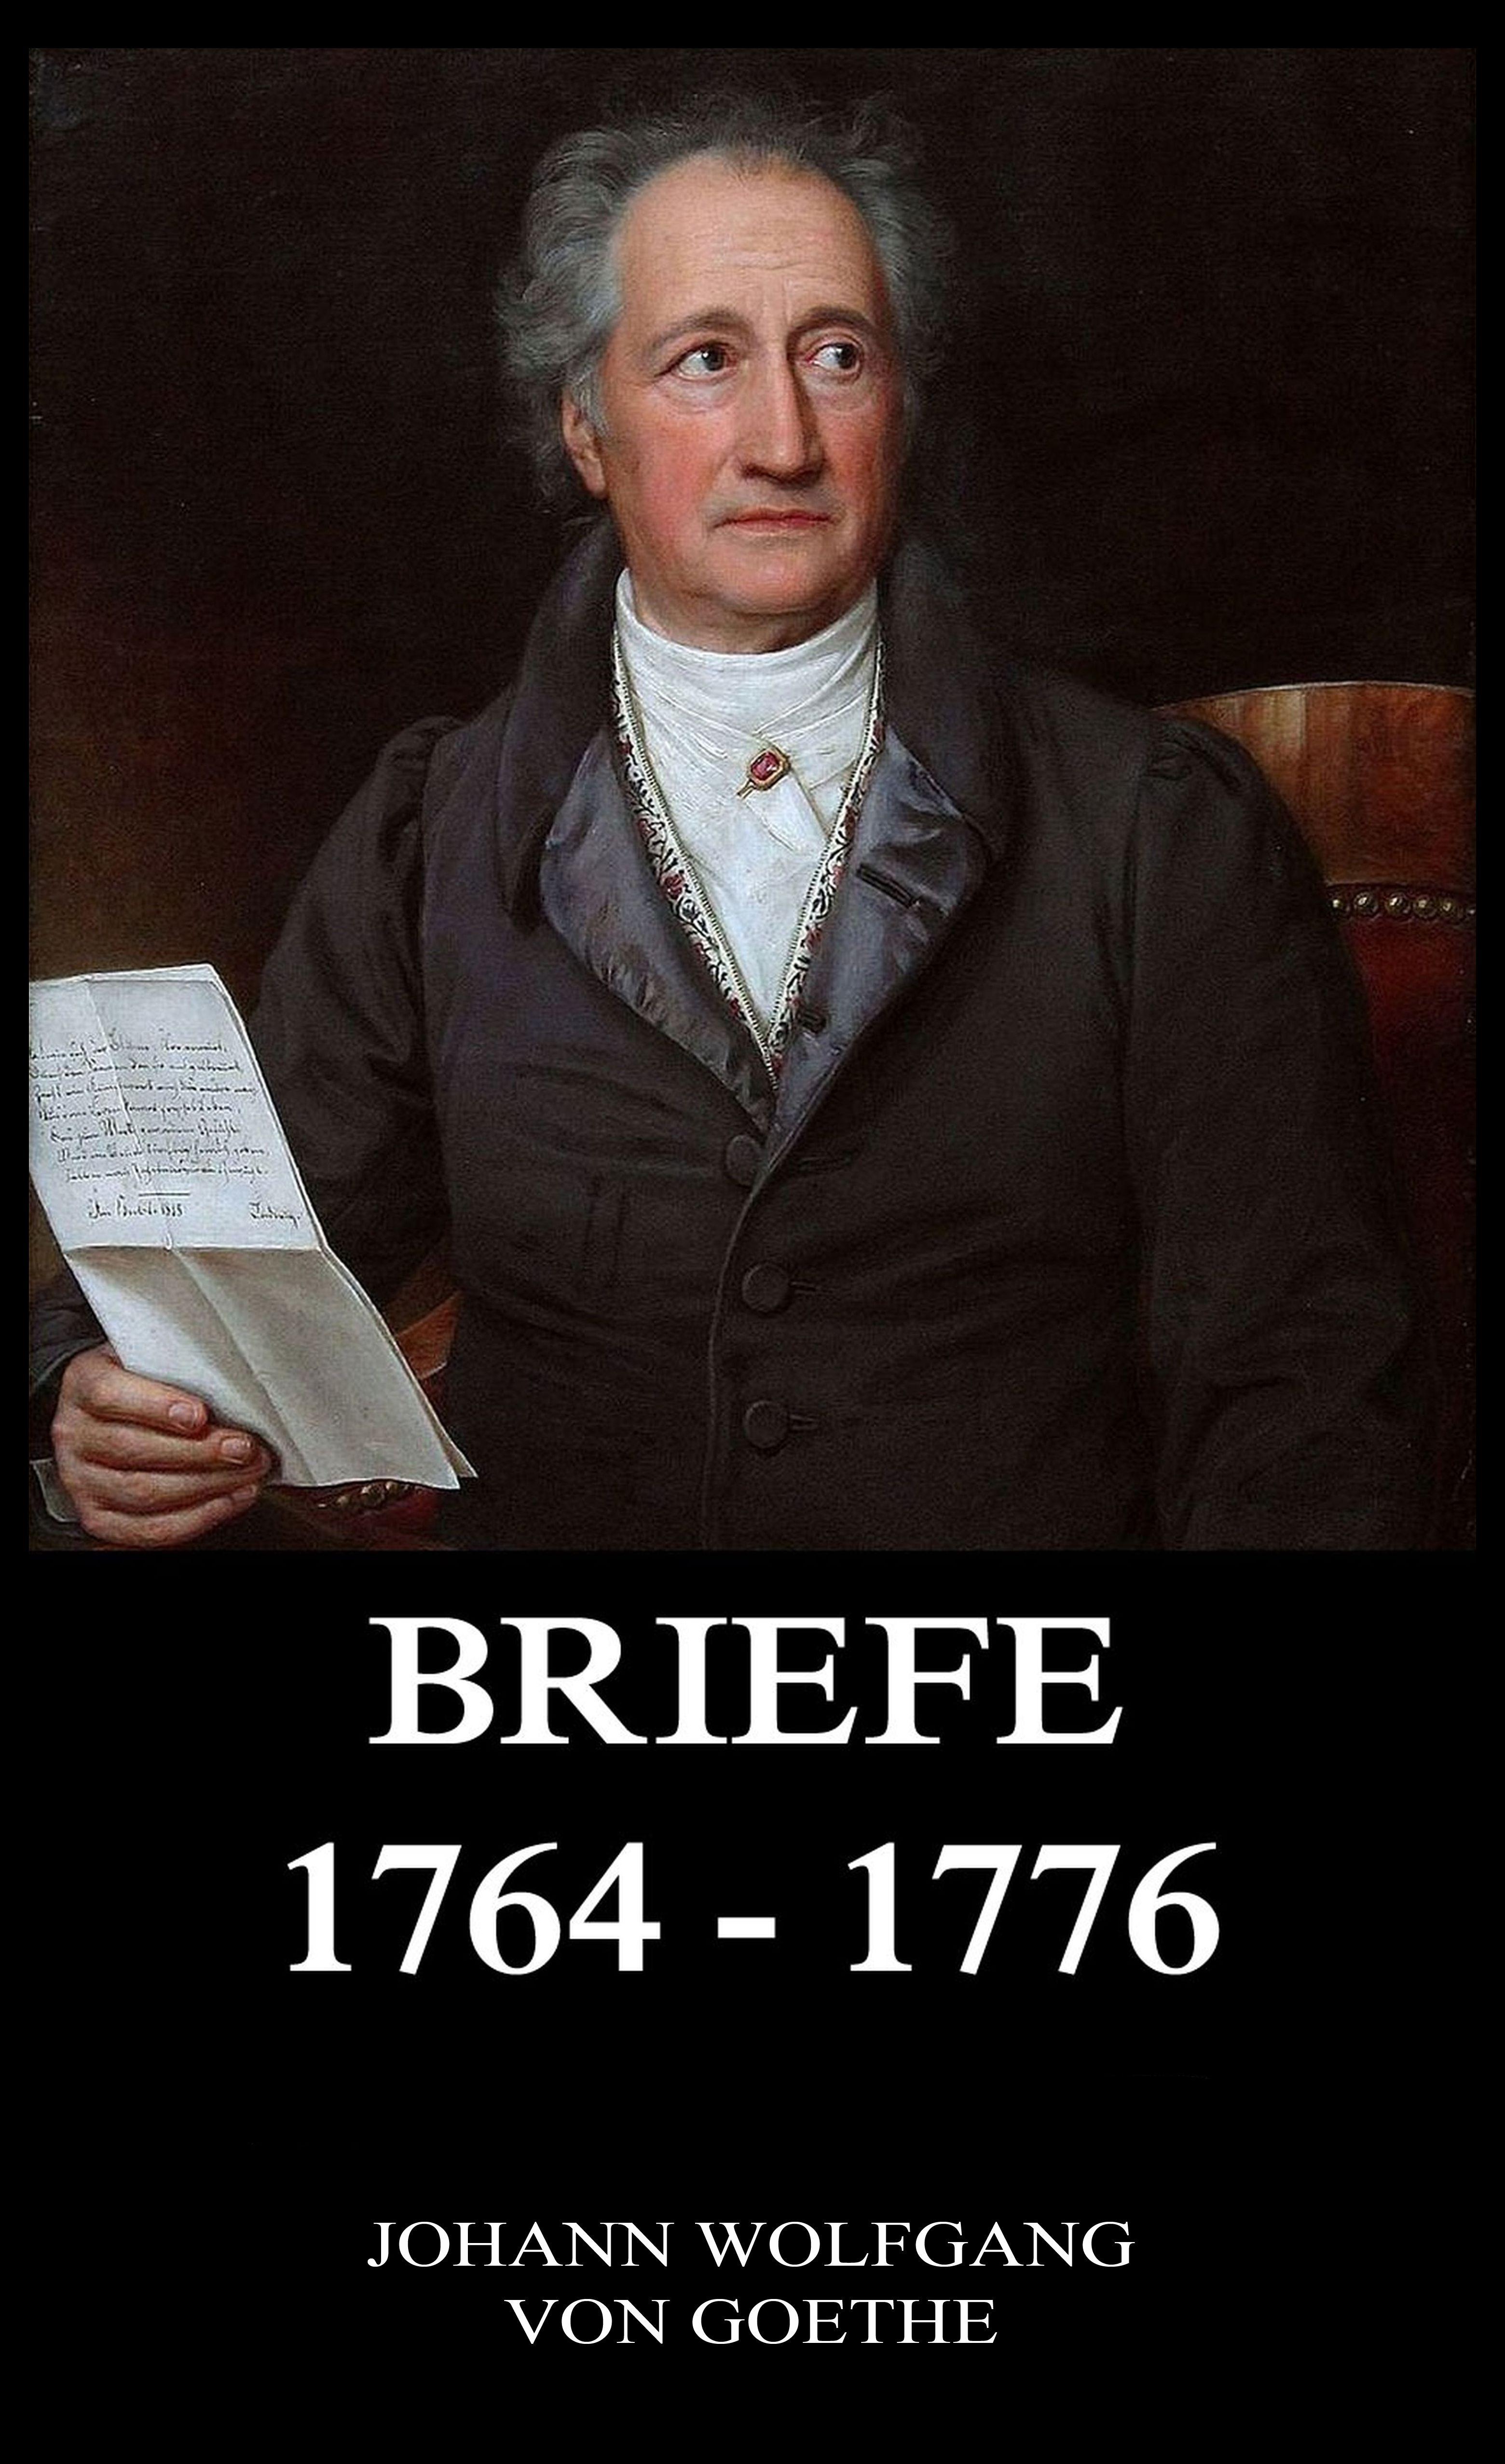 Johann Wolfgang von Goethe Briefe 1764 - 1776